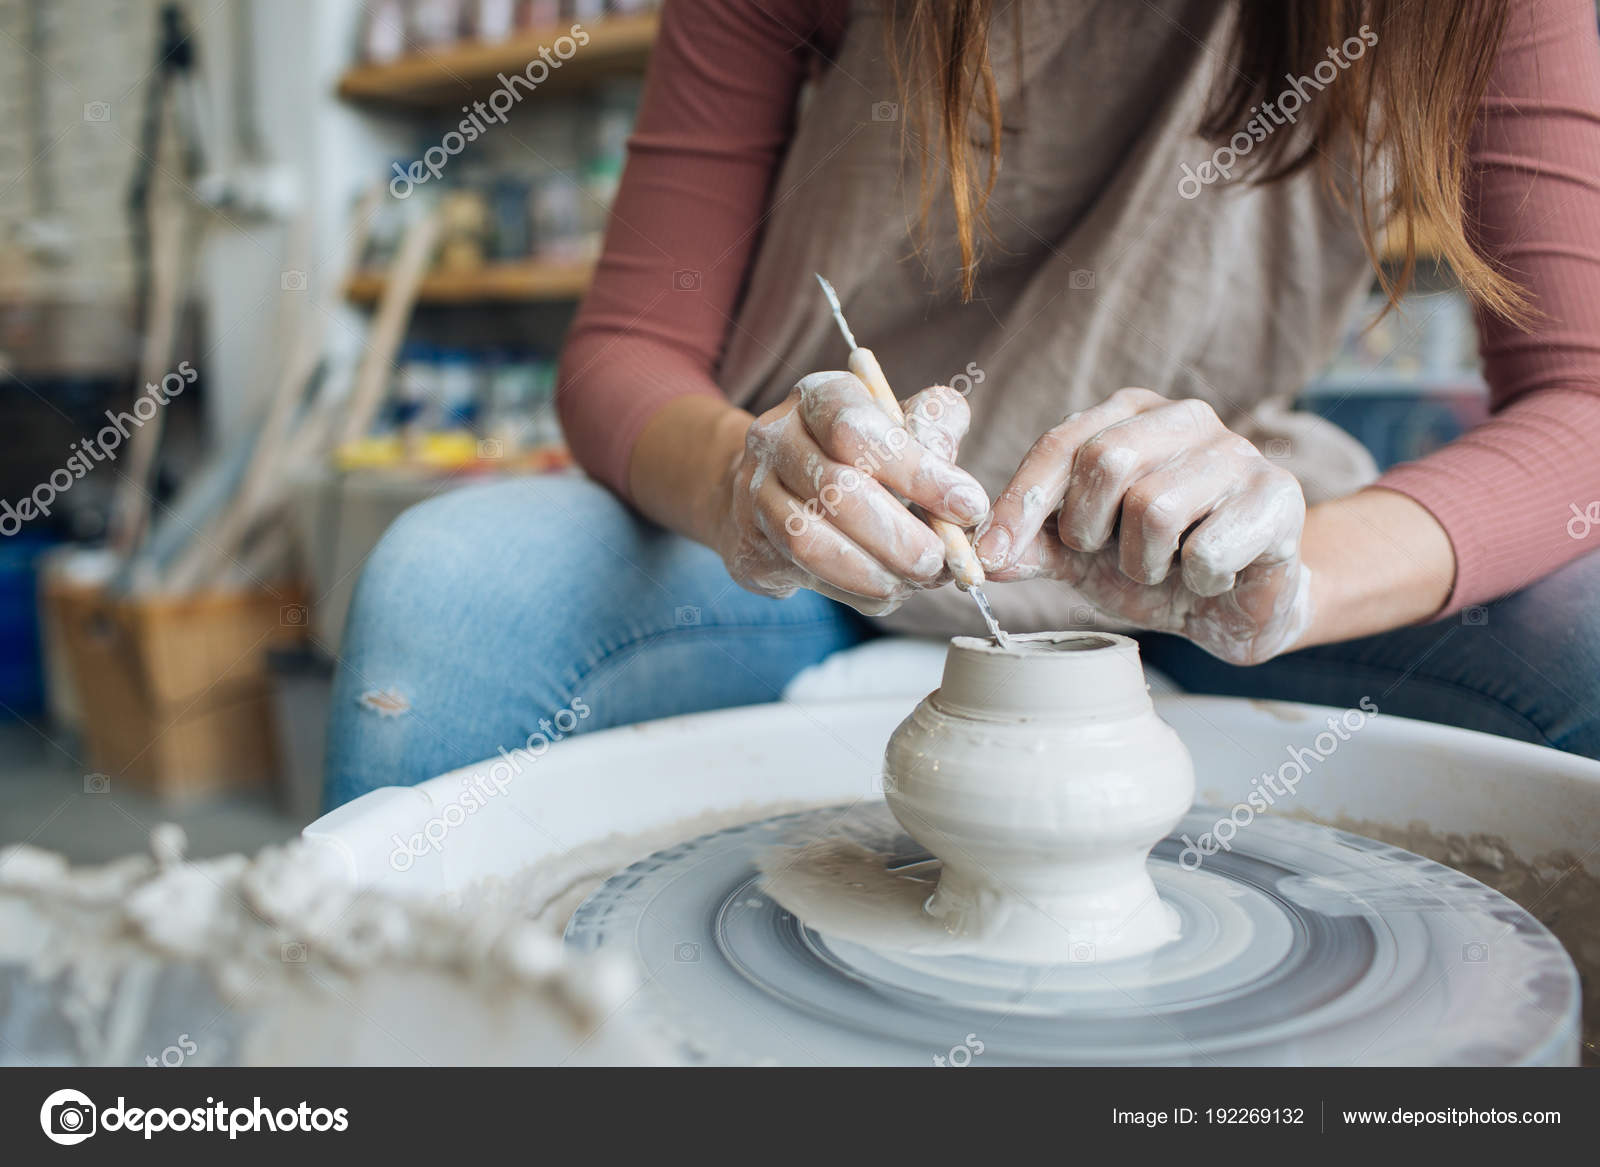 fabriqus la main sur un tour de potier mains faire argile de divers articles pour la maison et de vente dans le magasin et lexposition